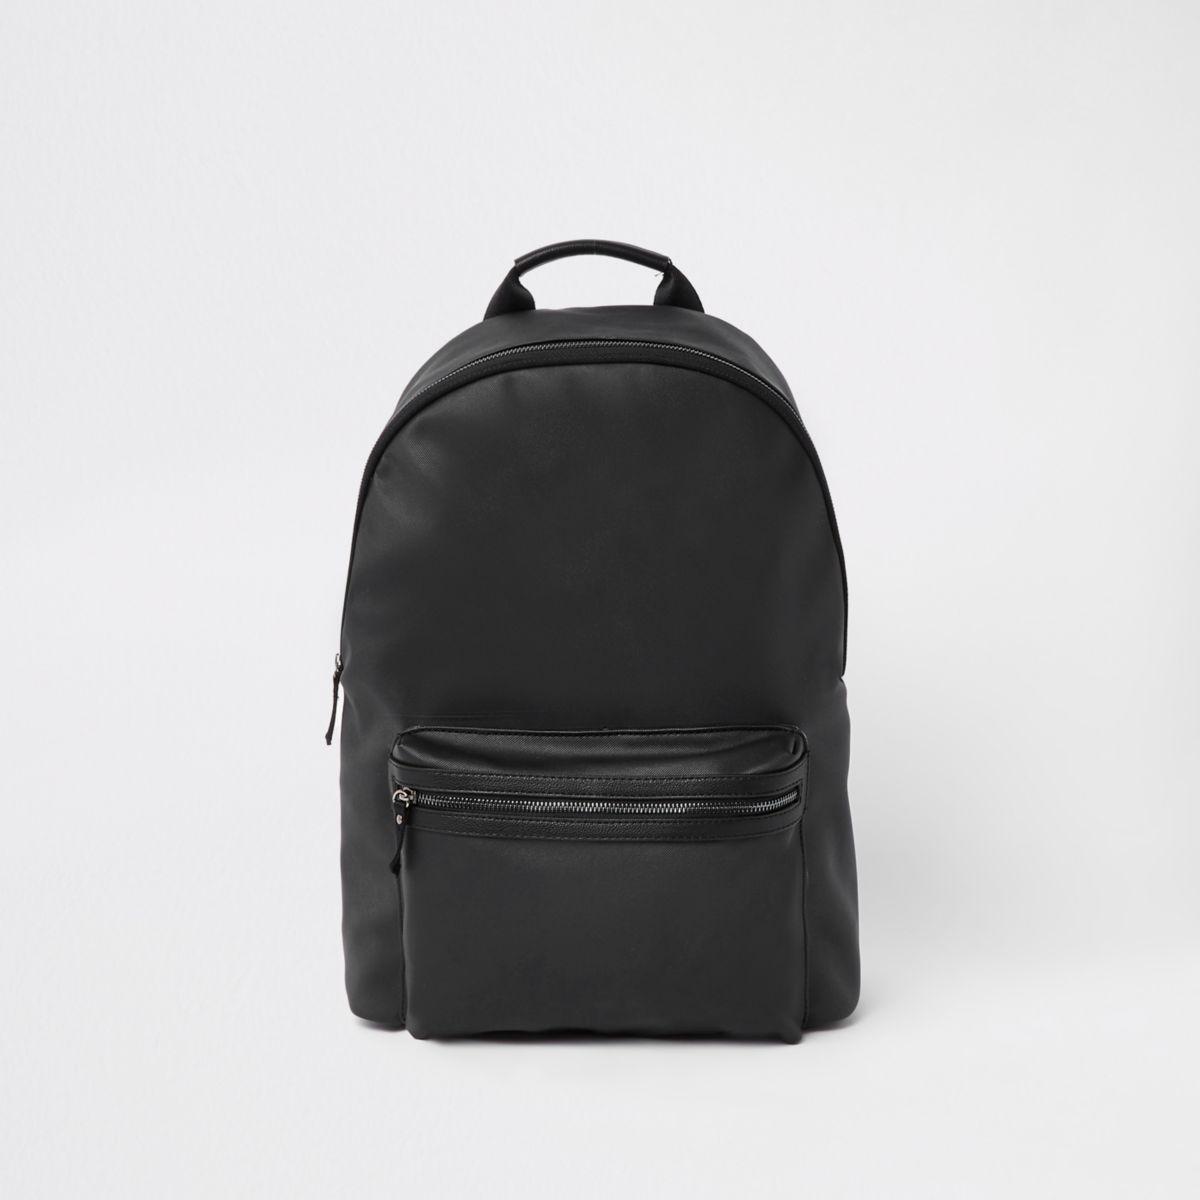 Black faux leather front pocket backpack